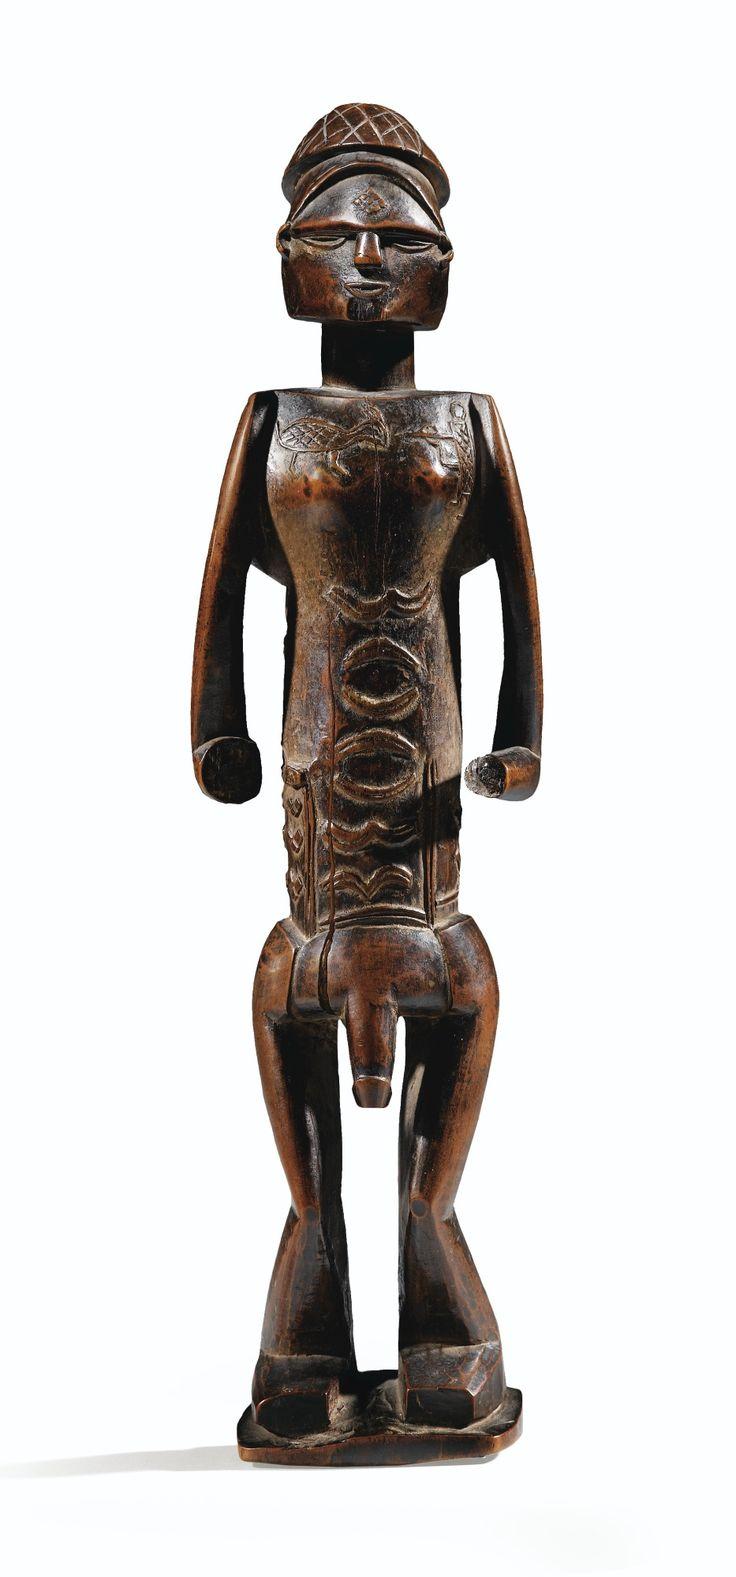 Statue, Bembe-Dondo, République du Congo | lot | Sotheby's Si Raoul Lehuard (Art Bakongo. Les centres de style, 1989, p. 414) et Marc Felix (Art & Kongos, 1995, p. 197) attribuent cette célèbre statue de l'ancienne collection Lee Bronson aux Bembe occidentaux, les deux auteurs soulignent son caractère tant exceptionnel qu'atypique : unique exemplaire du corpus de sexe masculin, qui plus est représenté debout, et dont les jambes « de manière très cubiste, sont sculptées en cônes opposés »…